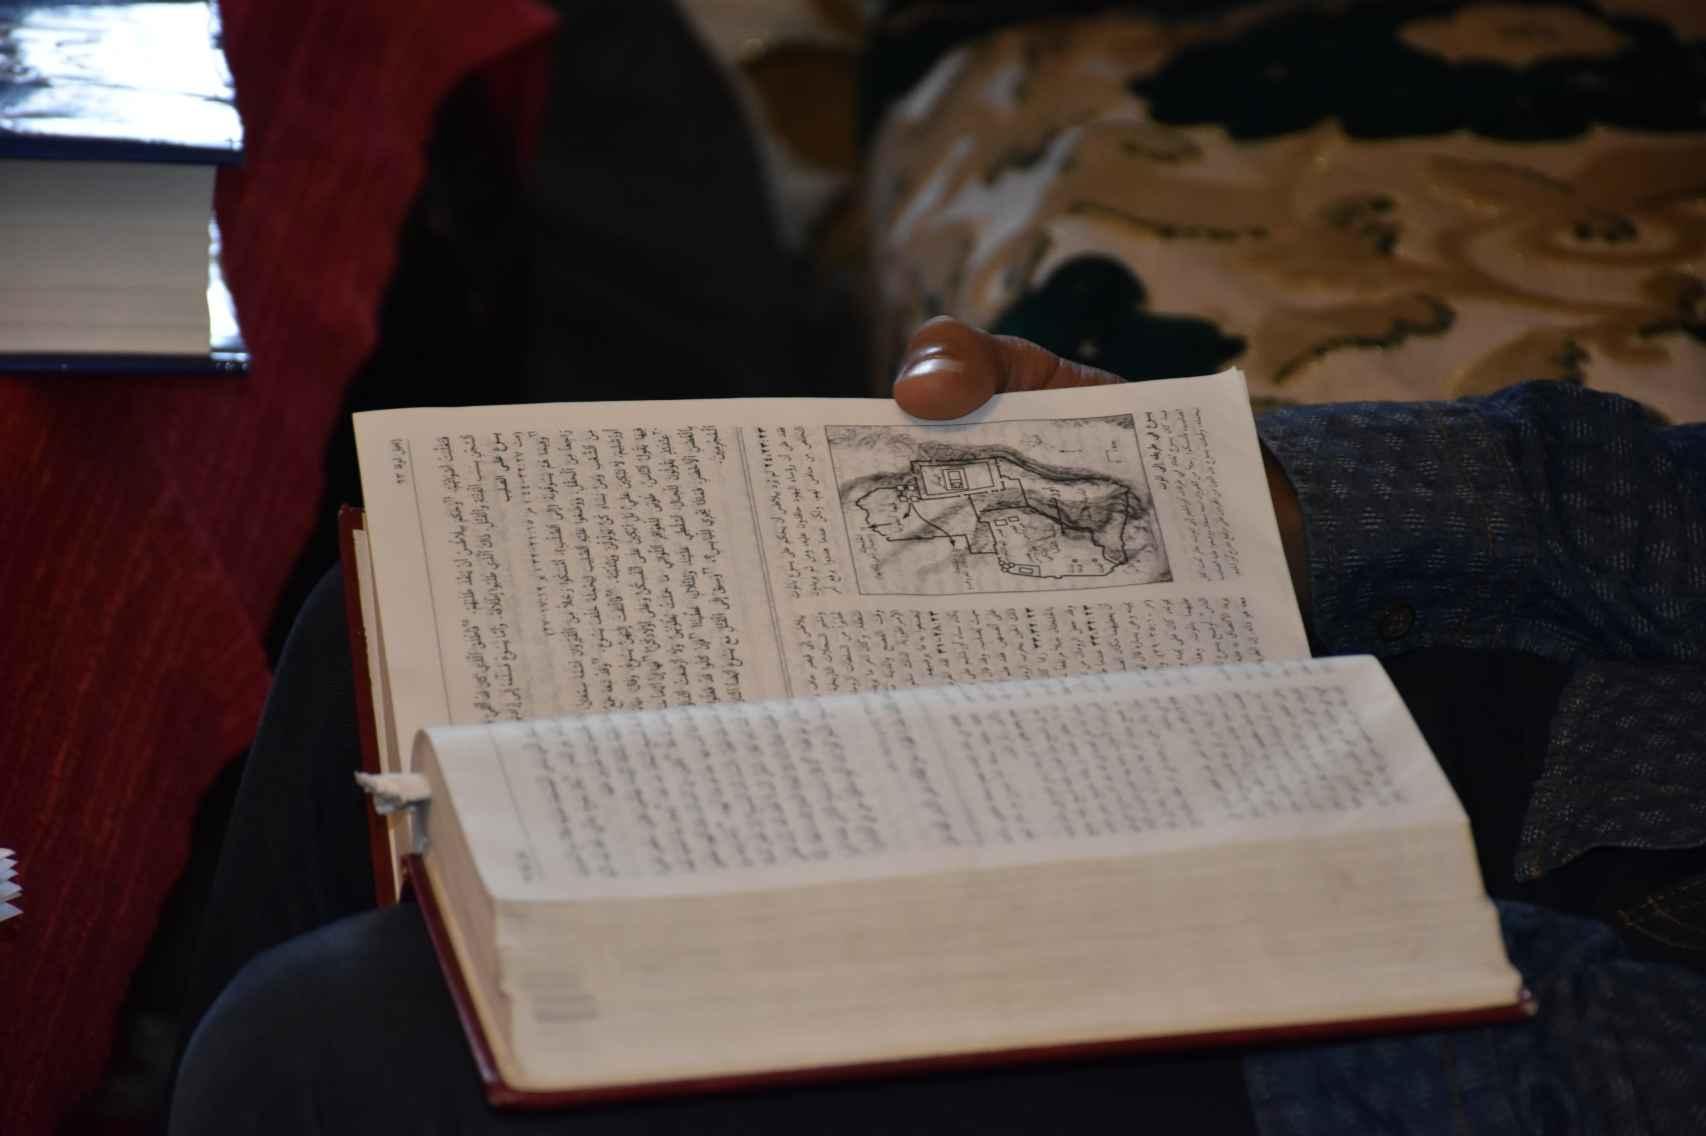 La congregación lee pasajes de la Biblia en dariya -dialecto marroquí- y reflexiona conjuntamente sobre la palabra de Dios.